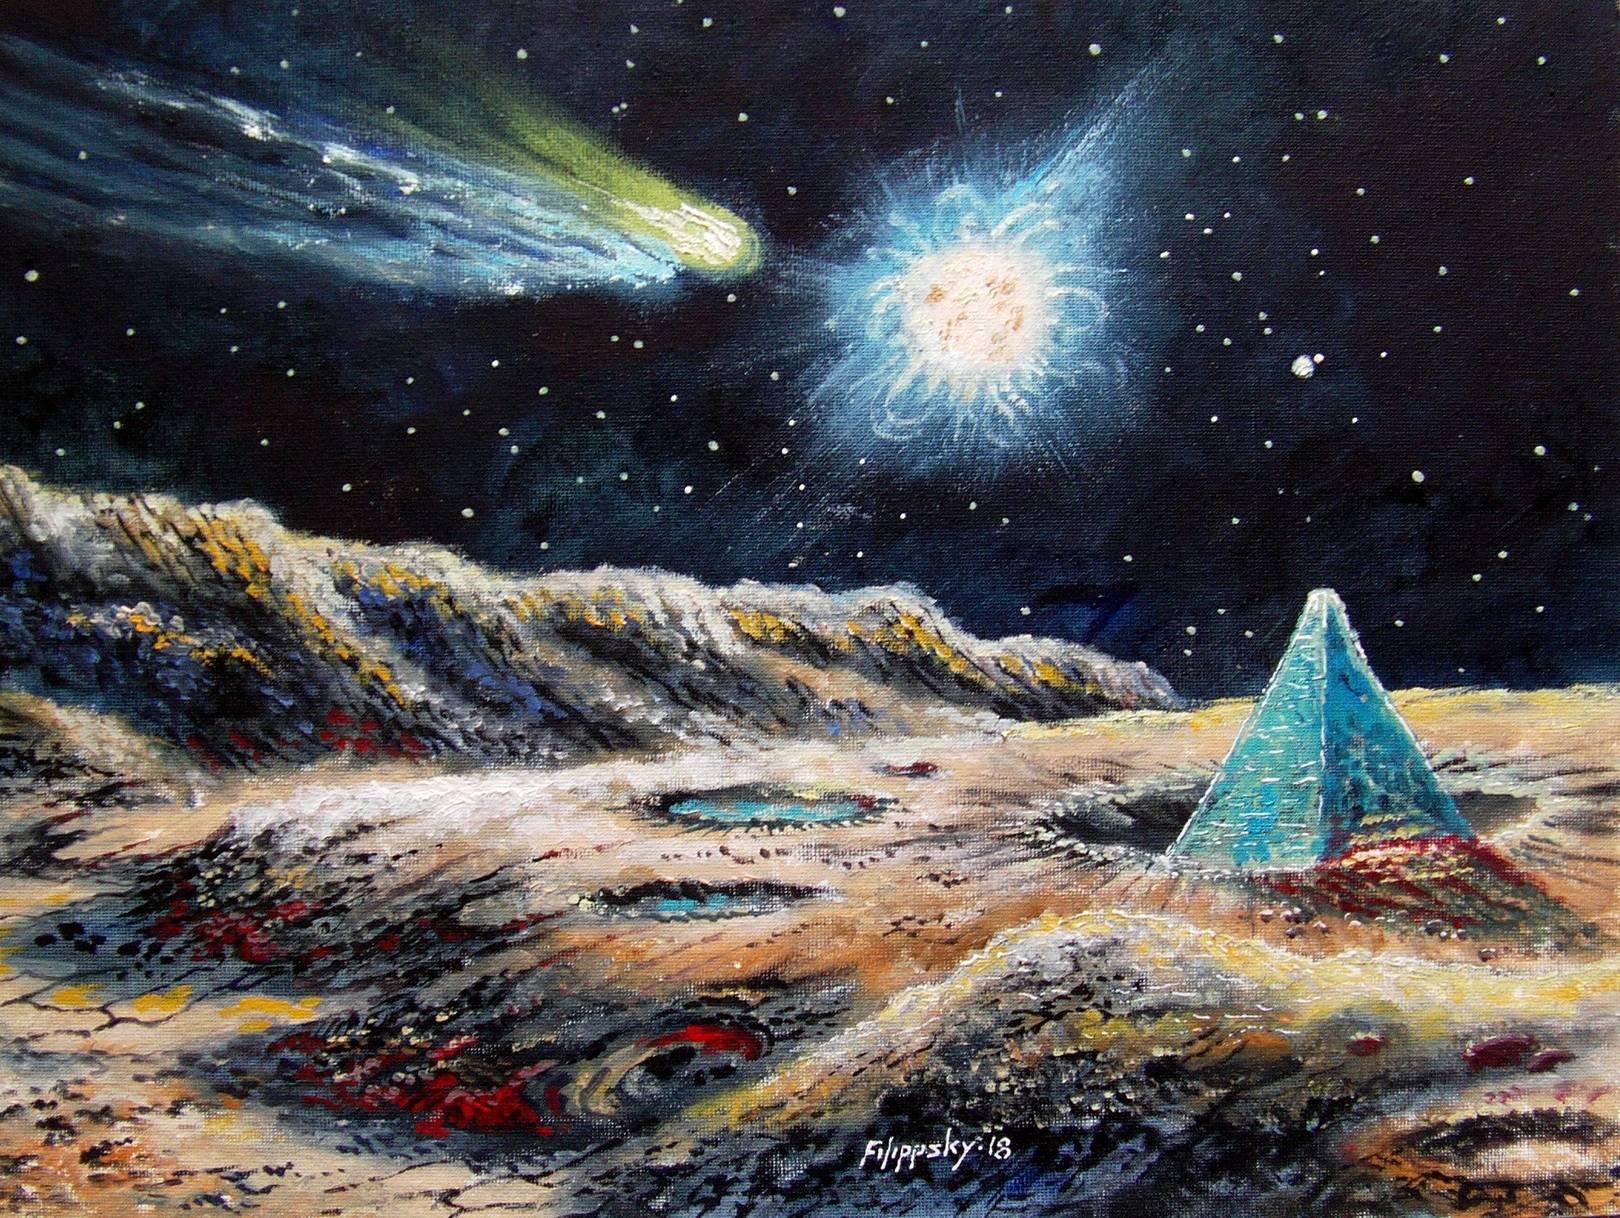 """""""Пейзаж Меркурия с кометой и голубой пирамидой""""  Голубые пирамиды на Меркурии были обнаружены станцией """"Messendger"""",крупная двойная звезда над верхушкой неизвестного объекта-это Земля и Луна."""